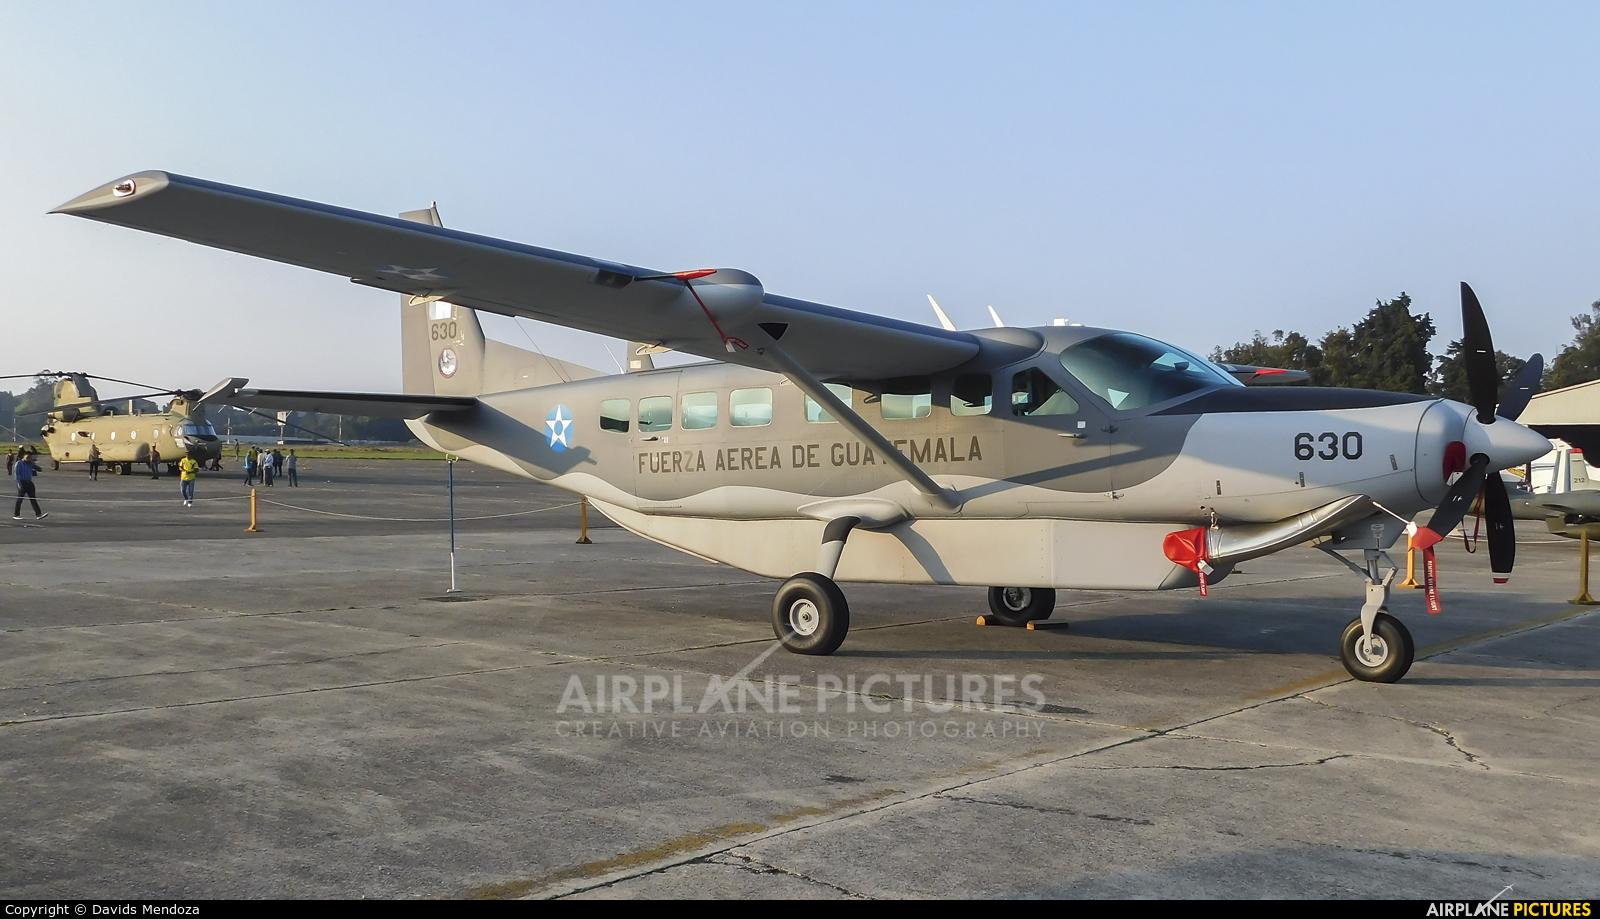 Guatemala - Air Force 630 aircraft at Guatemala - La Aurora